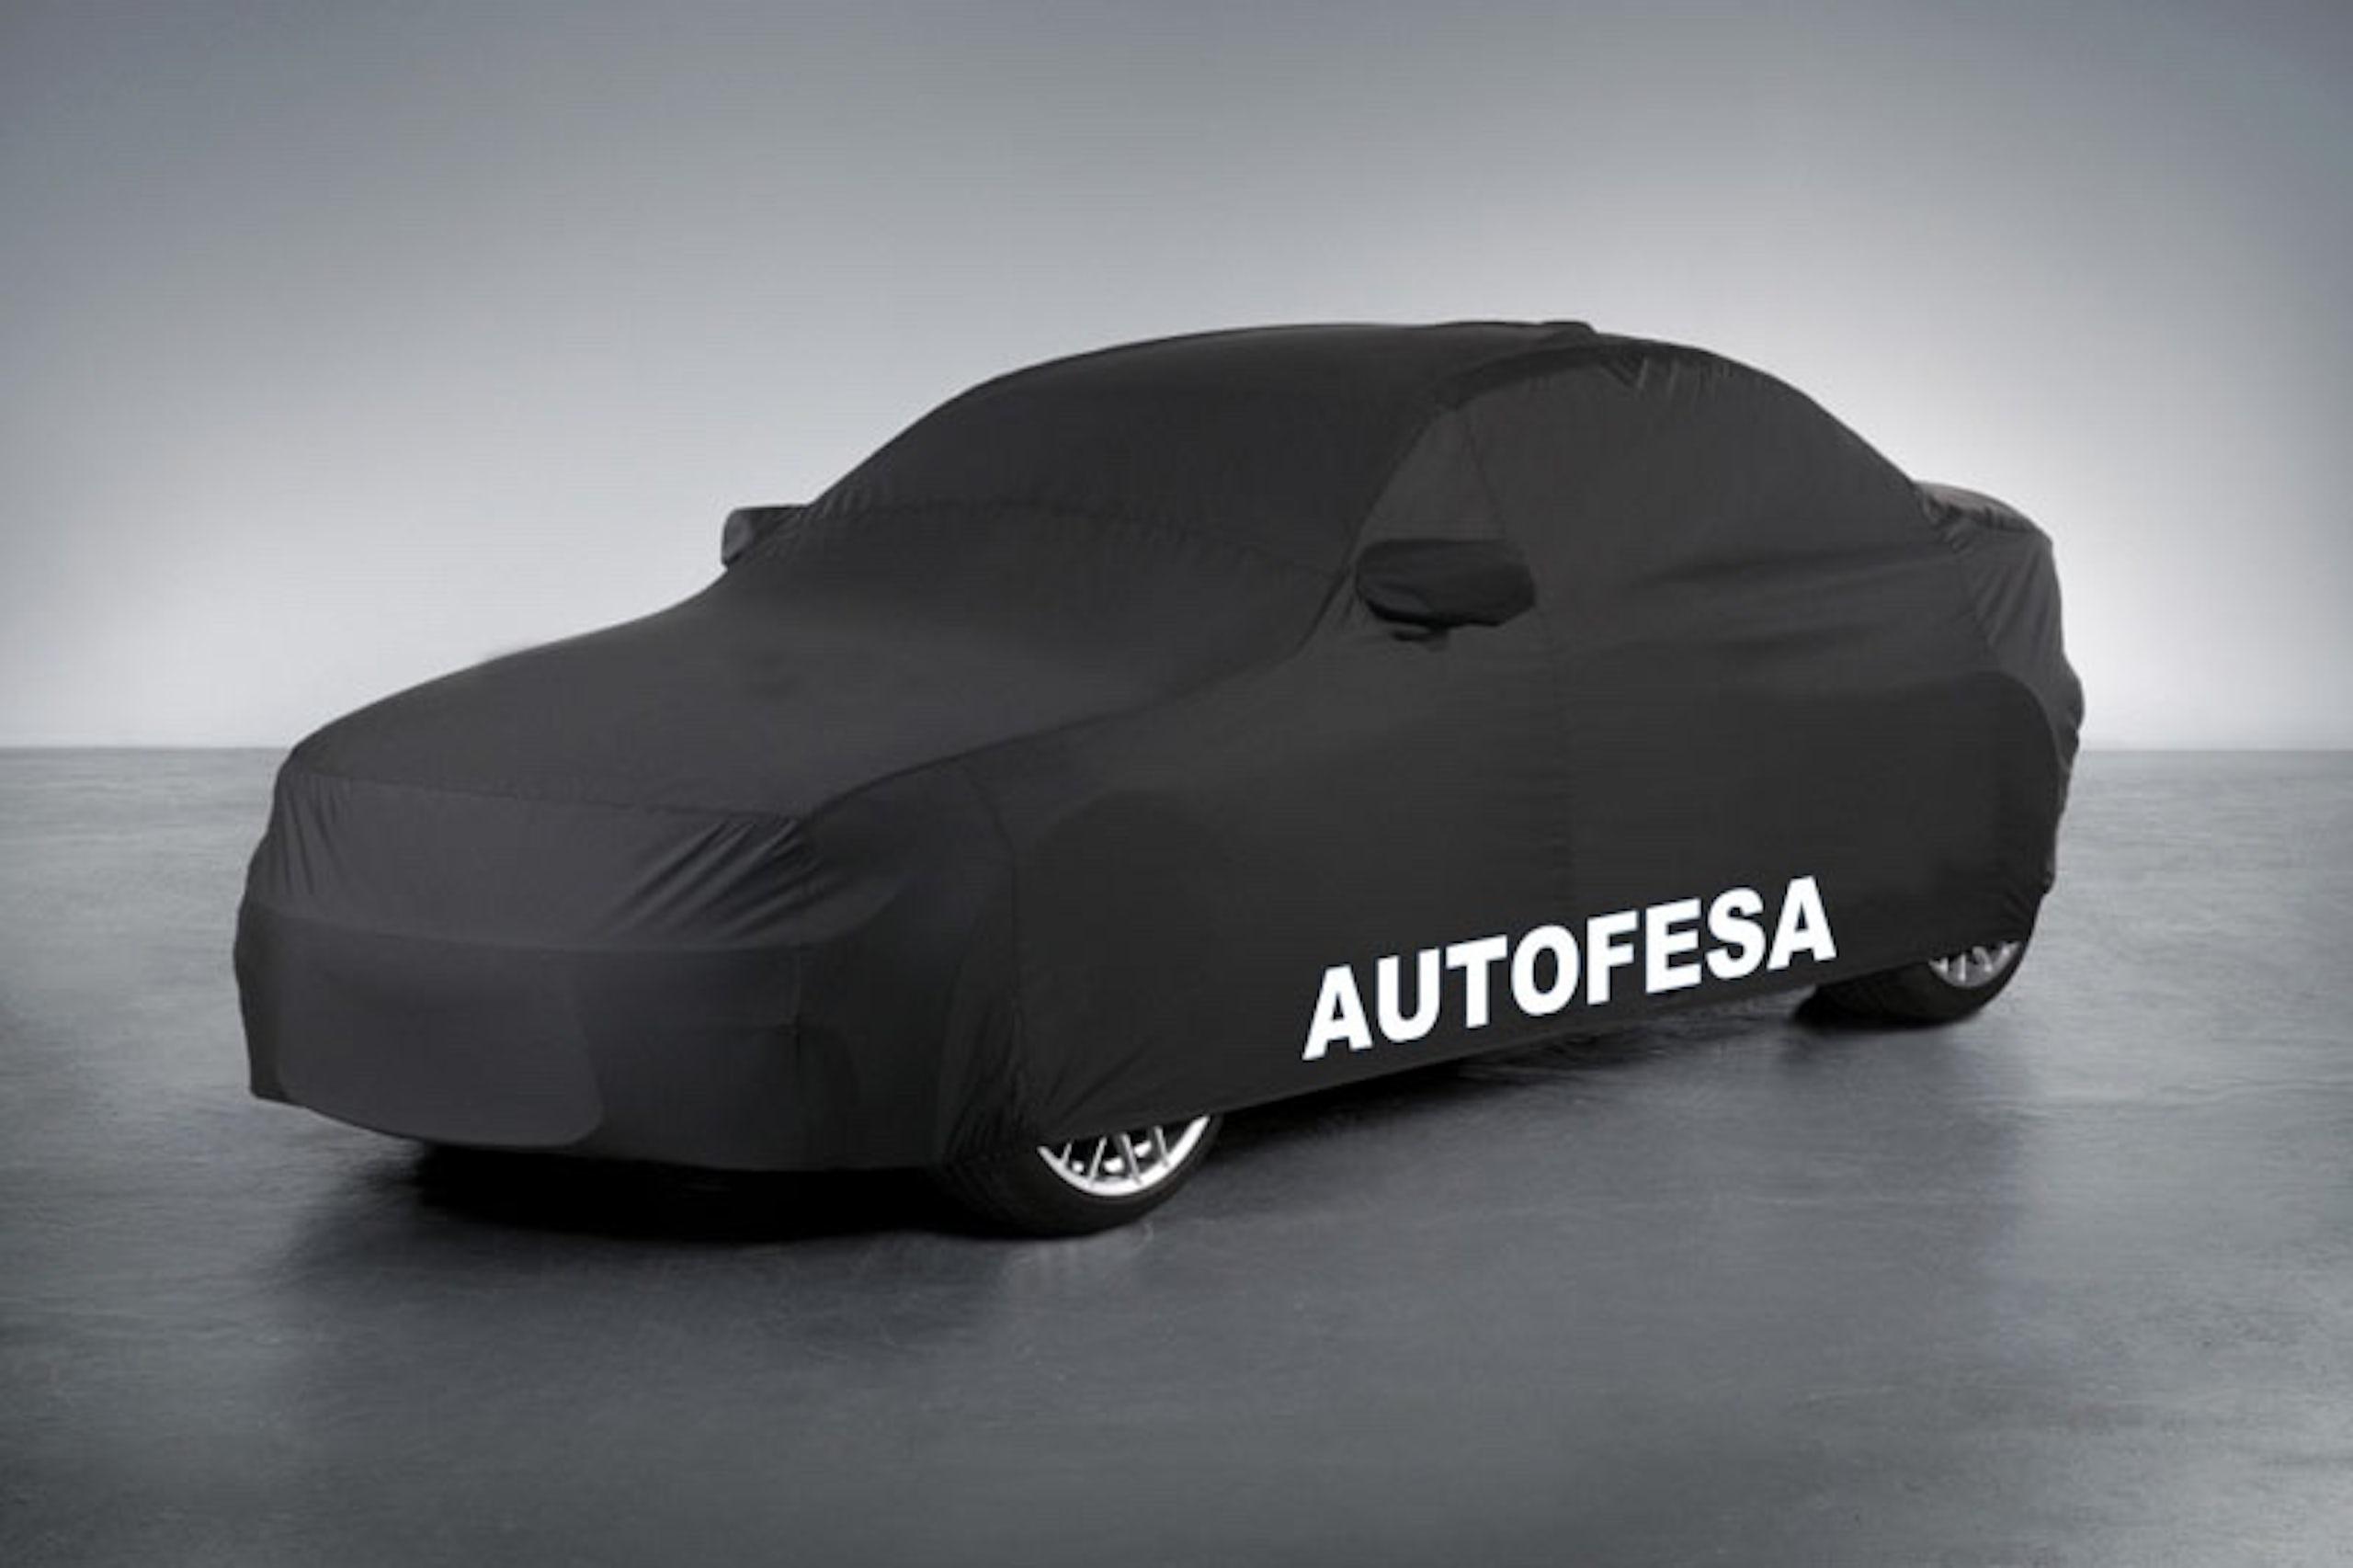 Audi A4 Avant 2.0 TDI 150cv Auto 5p S/S - Foto 21